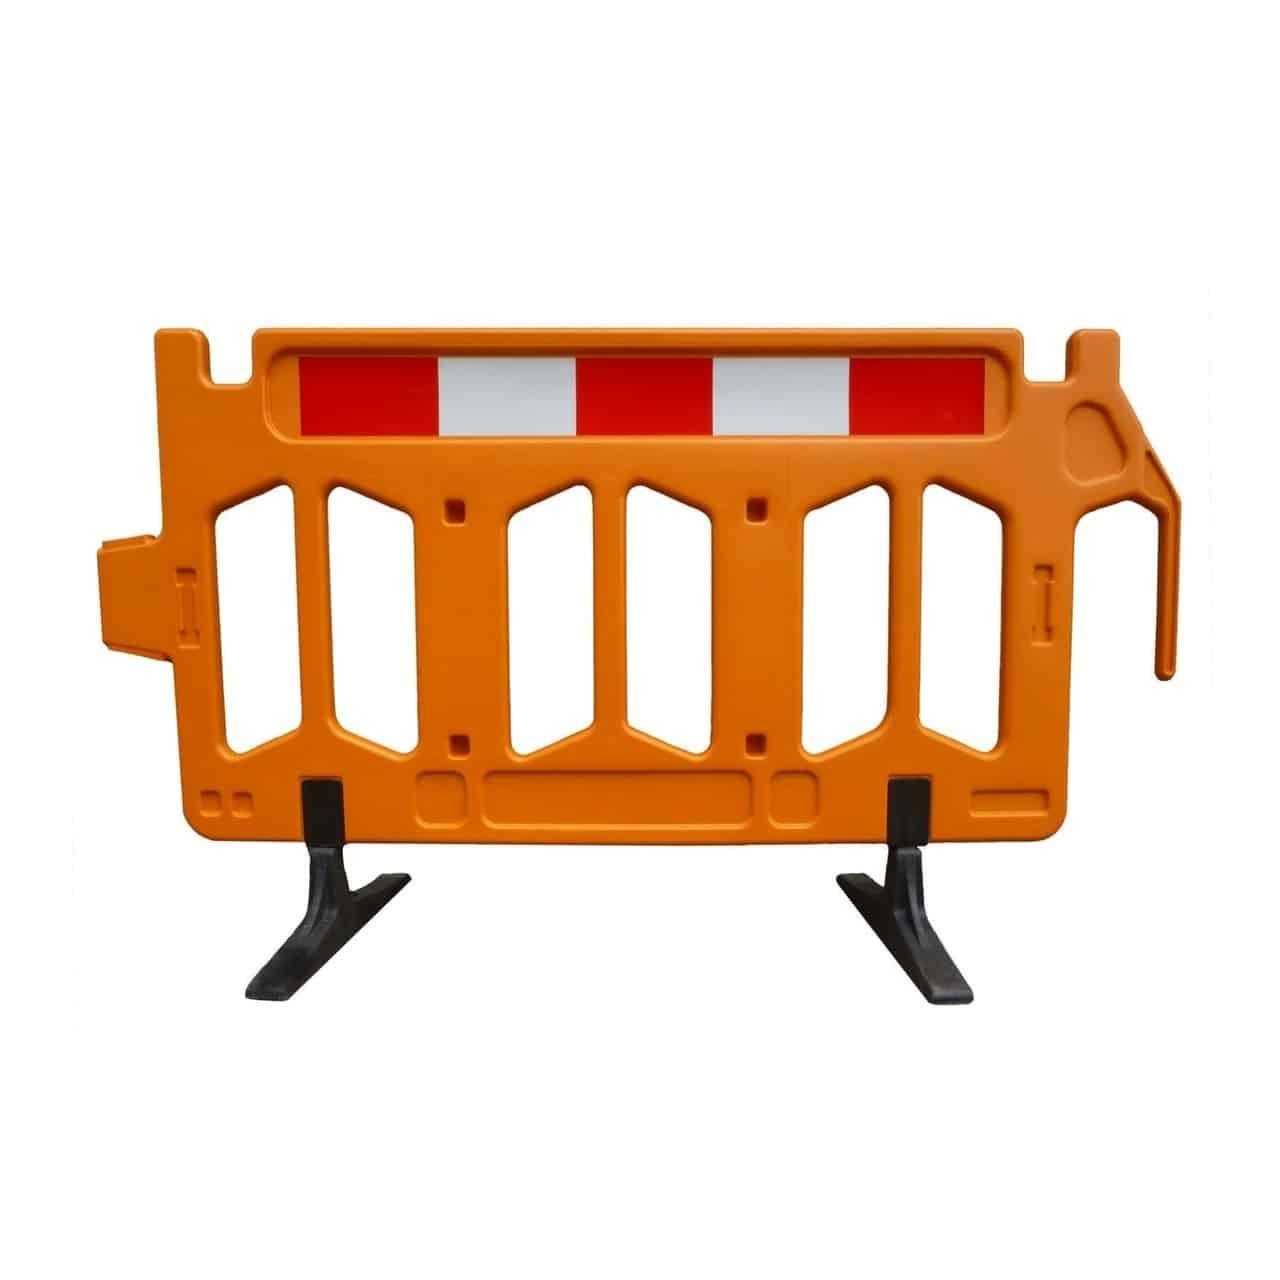 2 meter pedestrian barrier